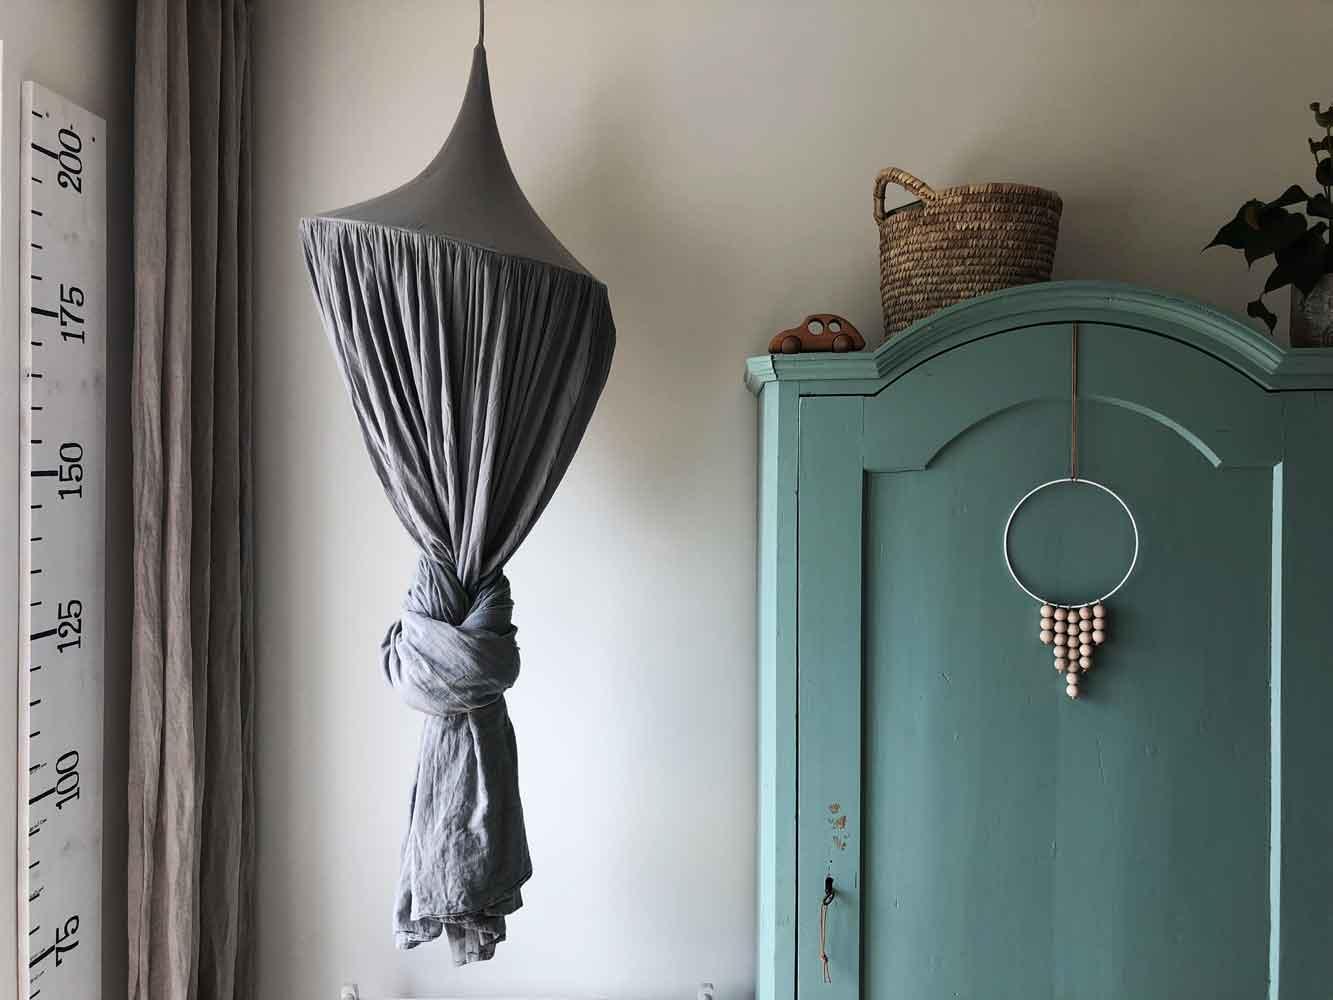 Kinderzimmer Deko Wachstumslineal Baldachin Bauernschrank retro - 5 Min DIY | eine schlichte Dekoration für´s Kinderzimmer